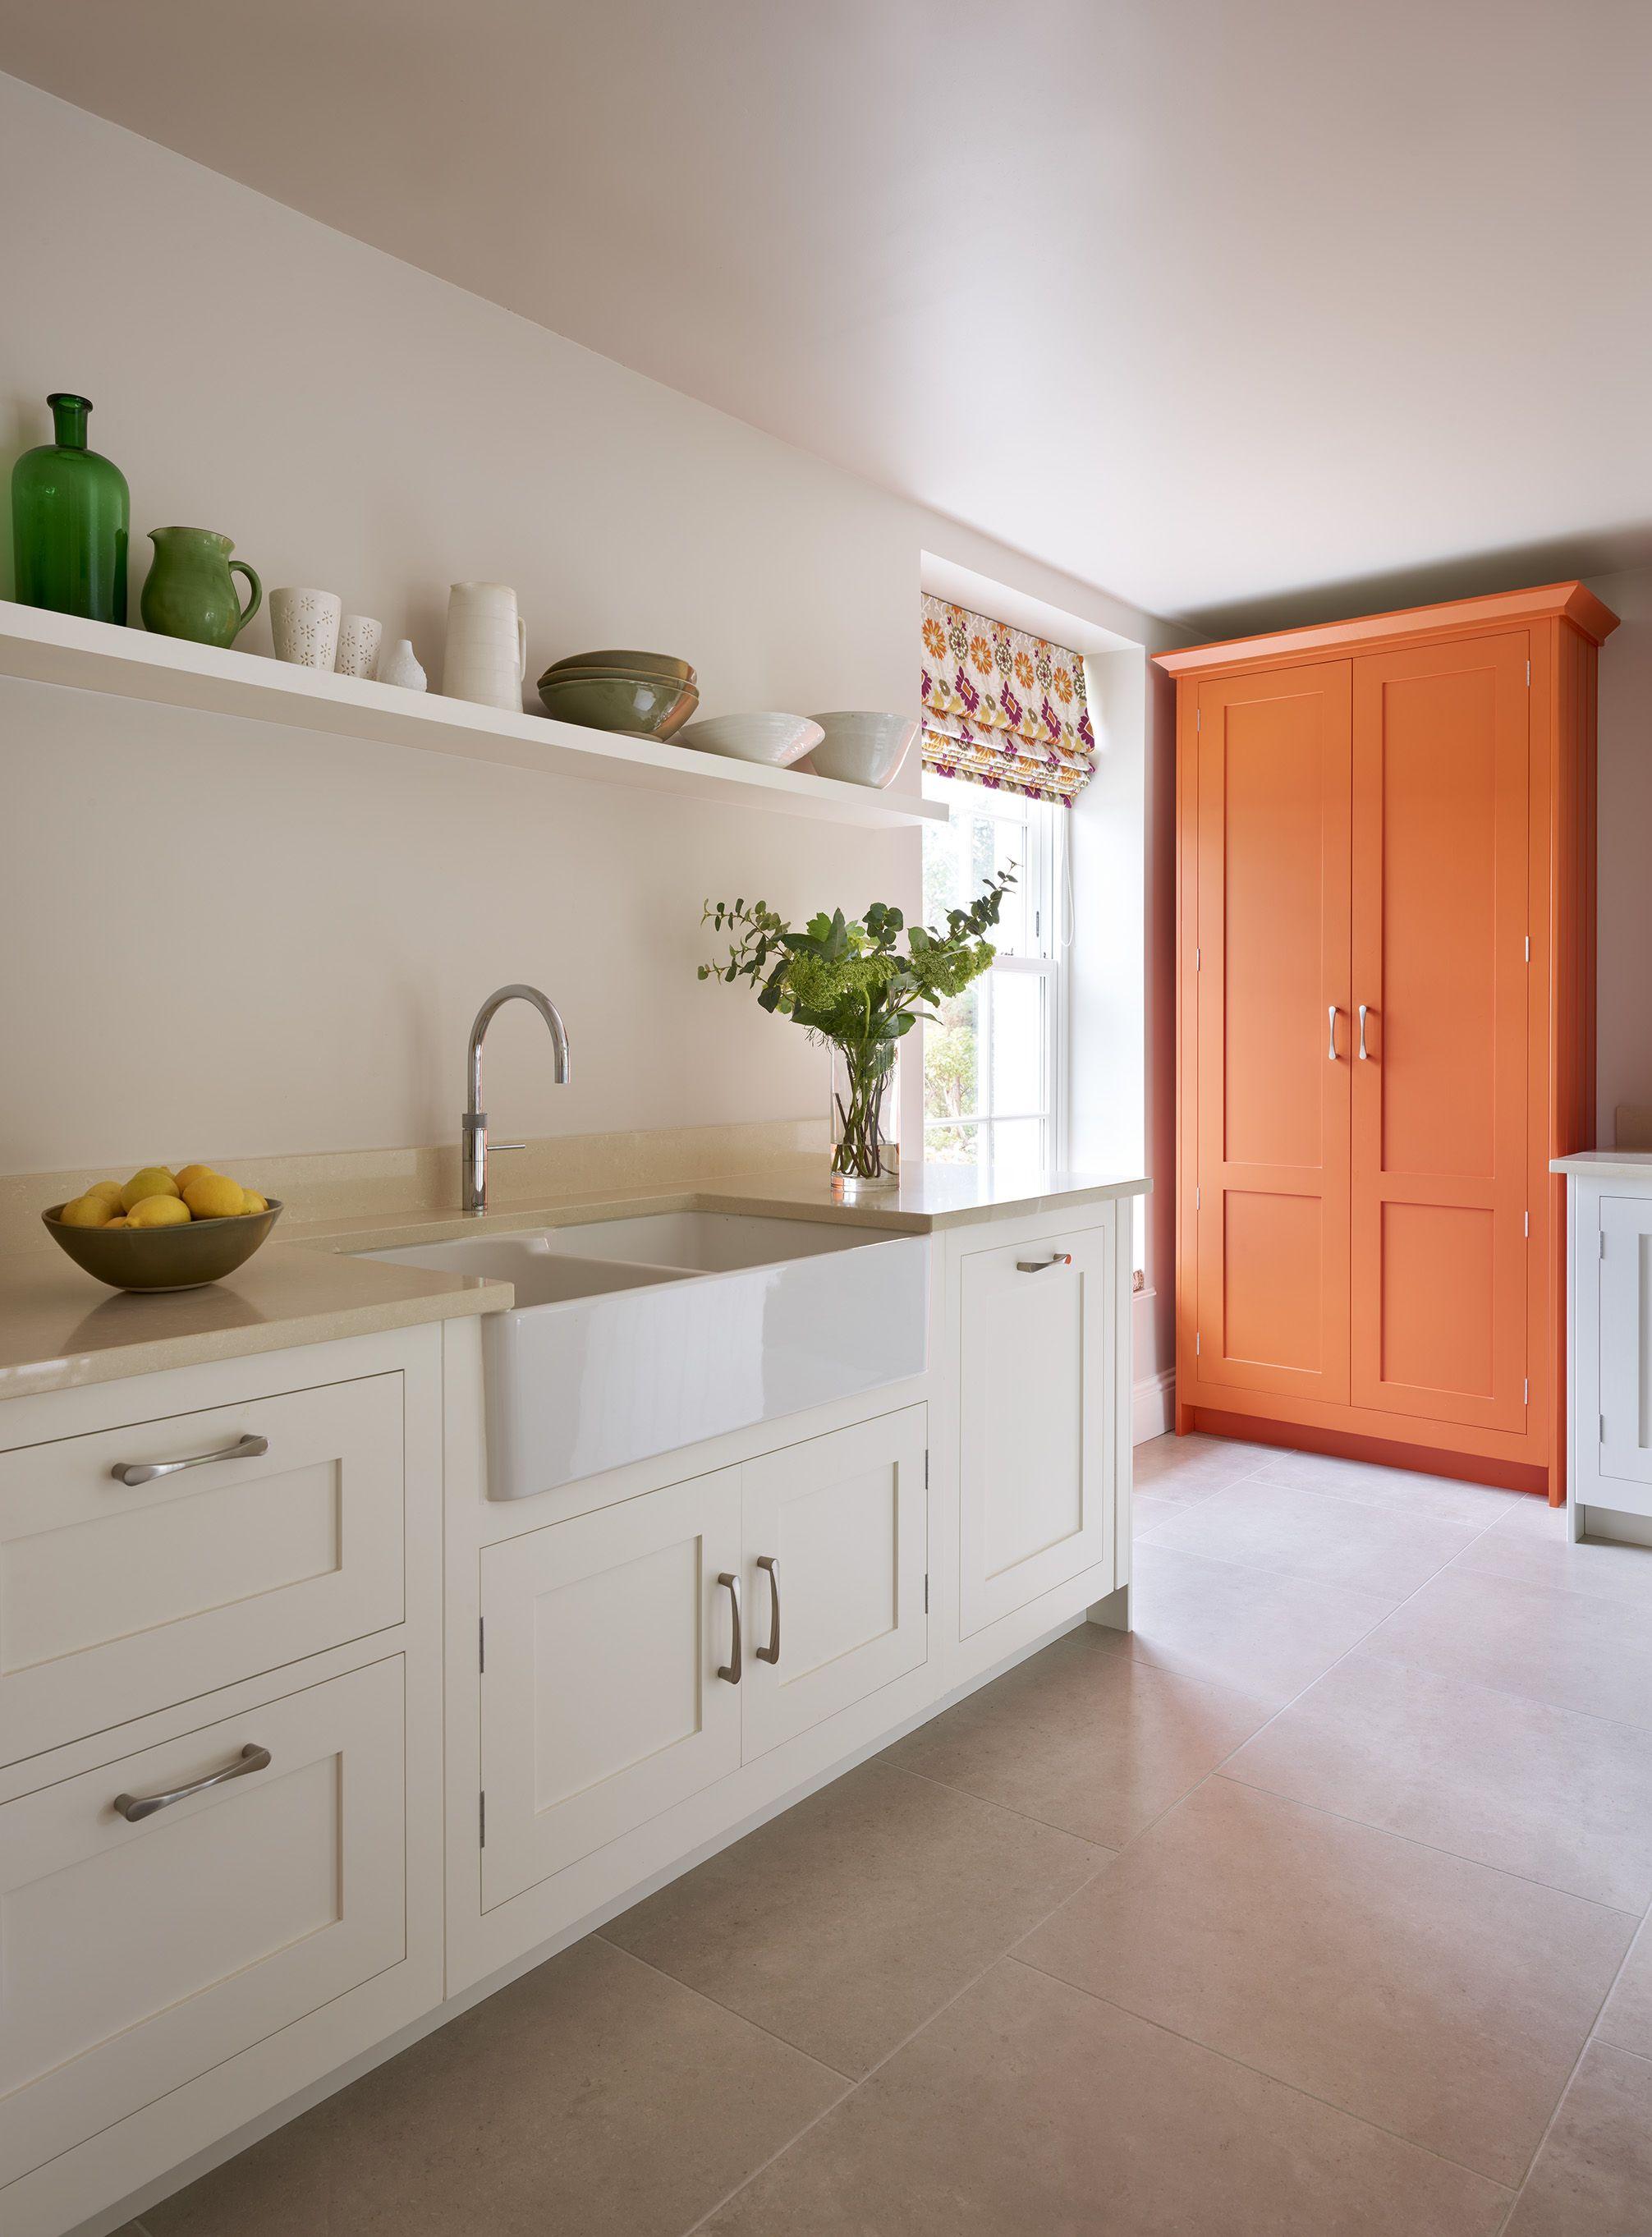 Kitchen Pantry Larder In 2020 Interior Design Kitchen Shaker Kitchen Kitchen Inspiration Design